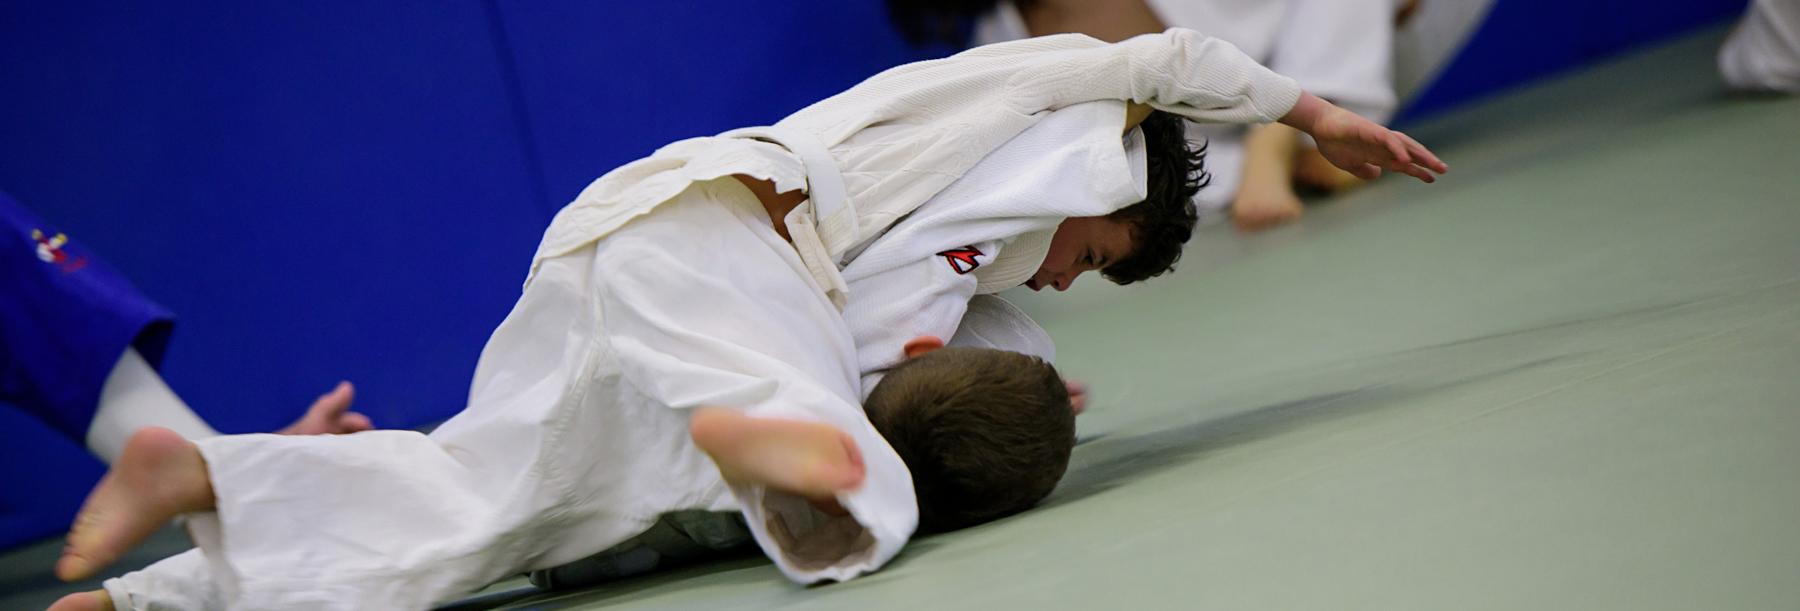 judo-17